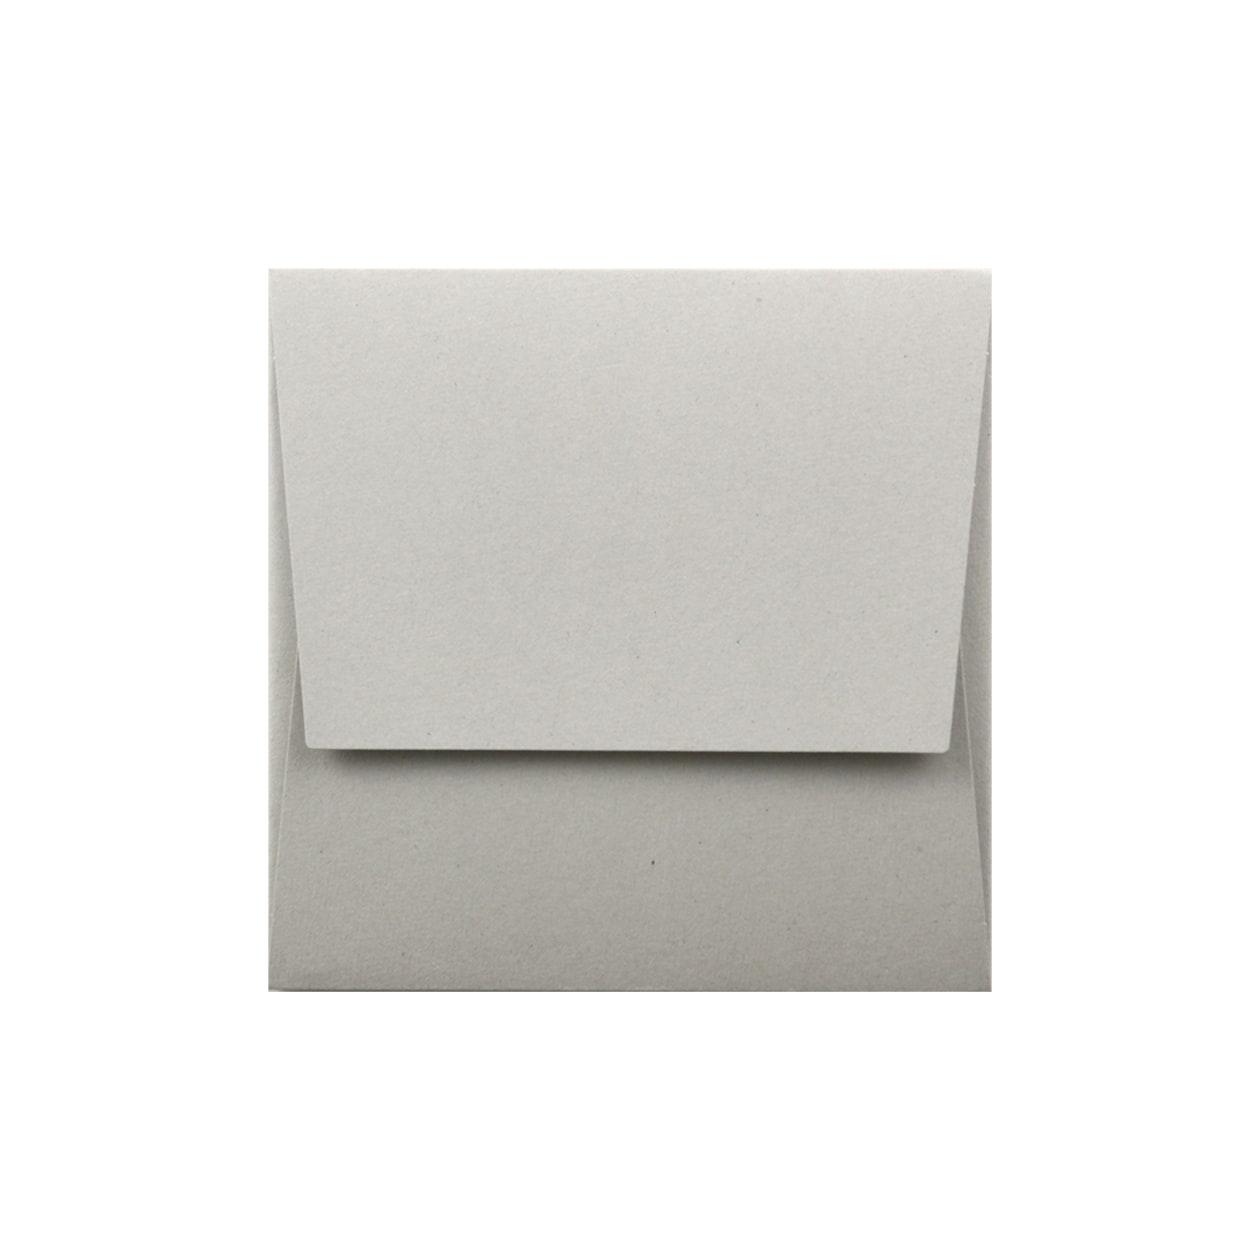 封筒型フォルダースクエア160 ボード紙 グレー 270g